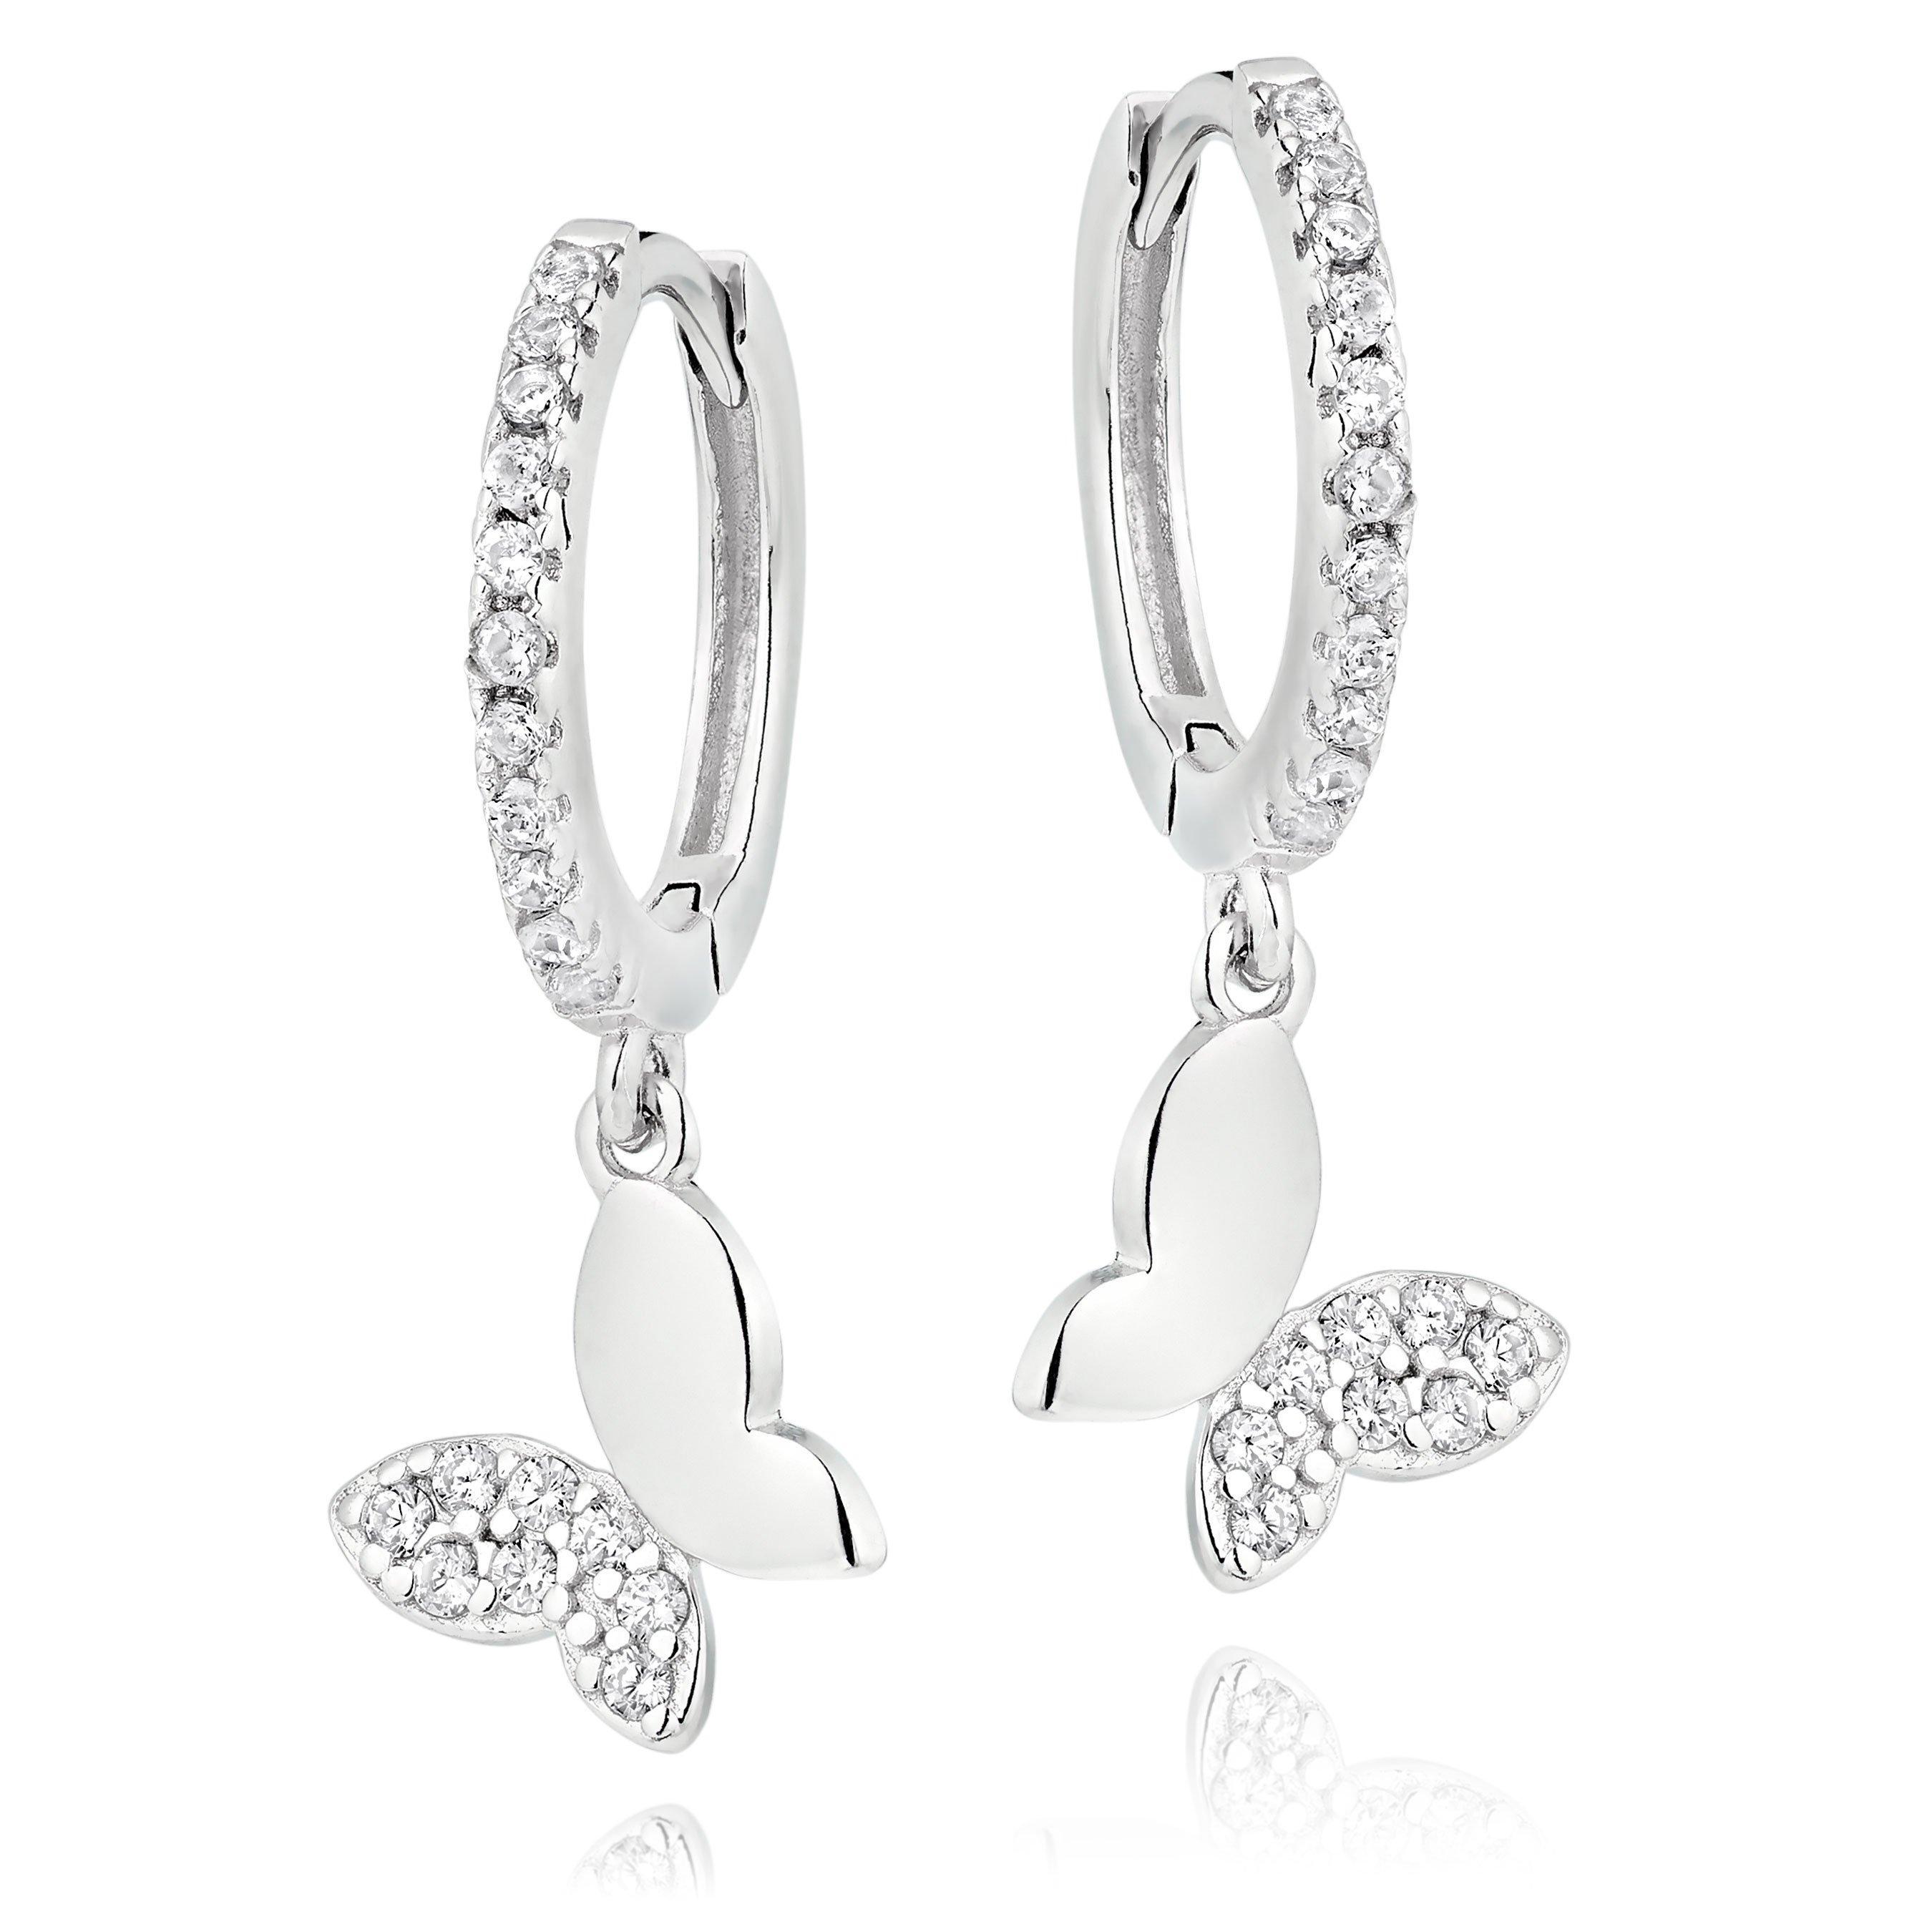 Silver Cubic Zirconia Butterfly Charm Hoop Earrings